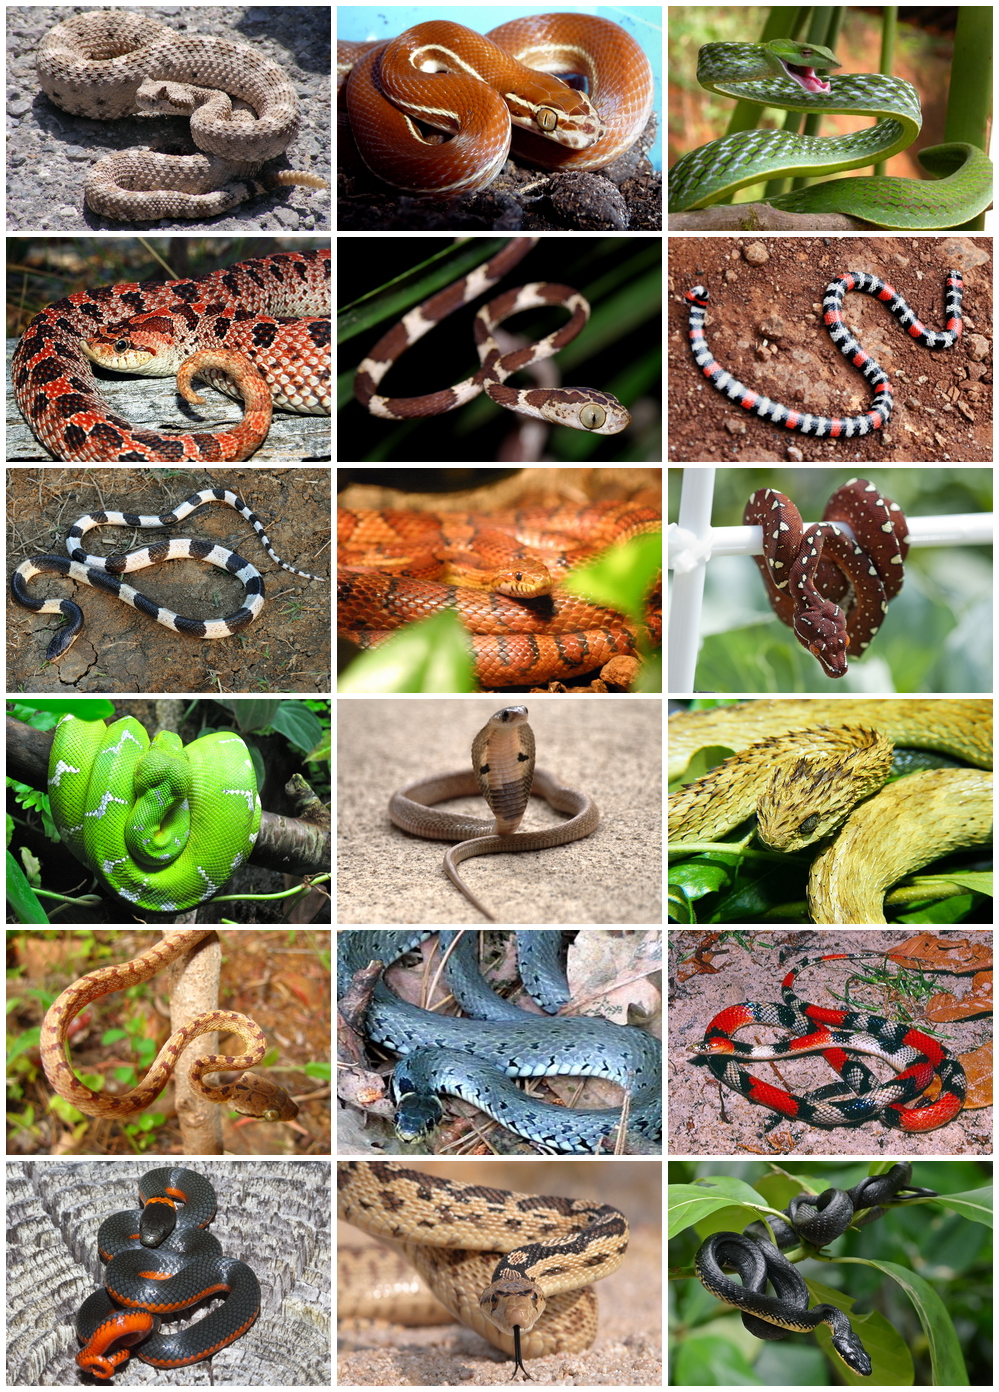 L'animal Le Plus Dangereux Du Monde : l'animal, dangereux, monde, Serpentes, Wikipédia